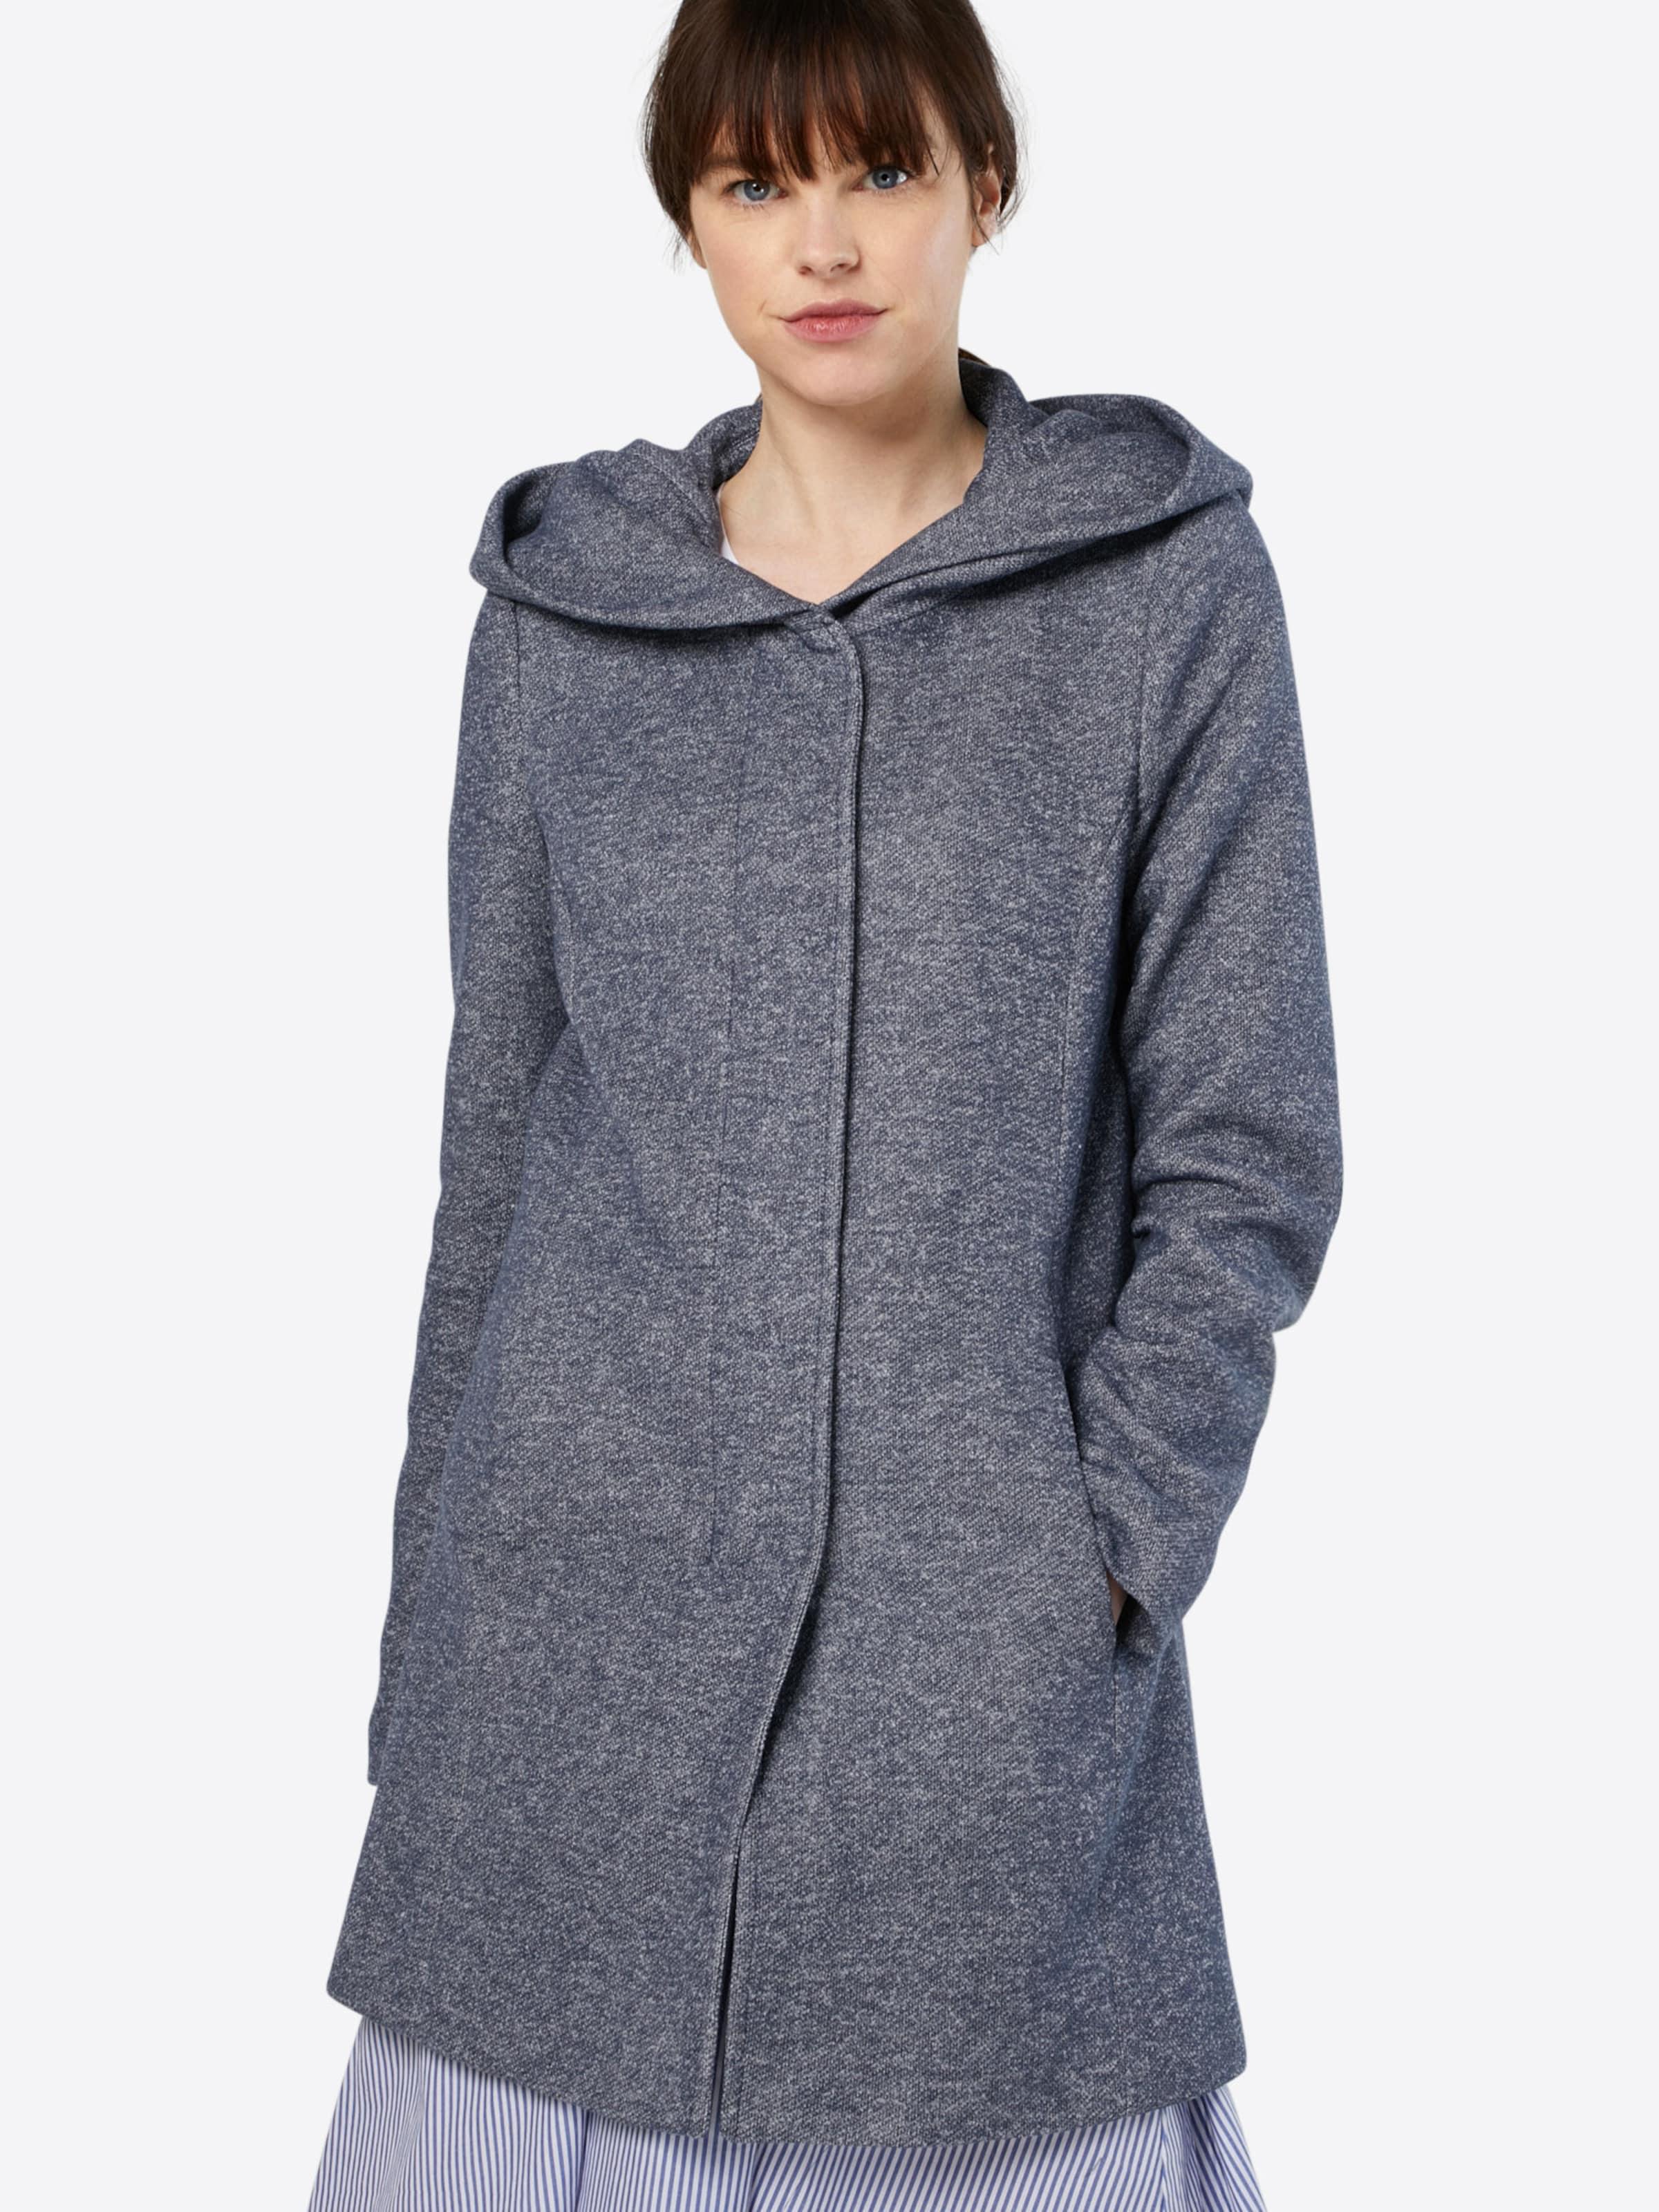 Zum Verkauf Großhandelspreis VERO MODA Jacke 'DONA' Empfehlen Günstigen Preis Online Kaufen Outlet Mode-Stil 7cu9ErV4n